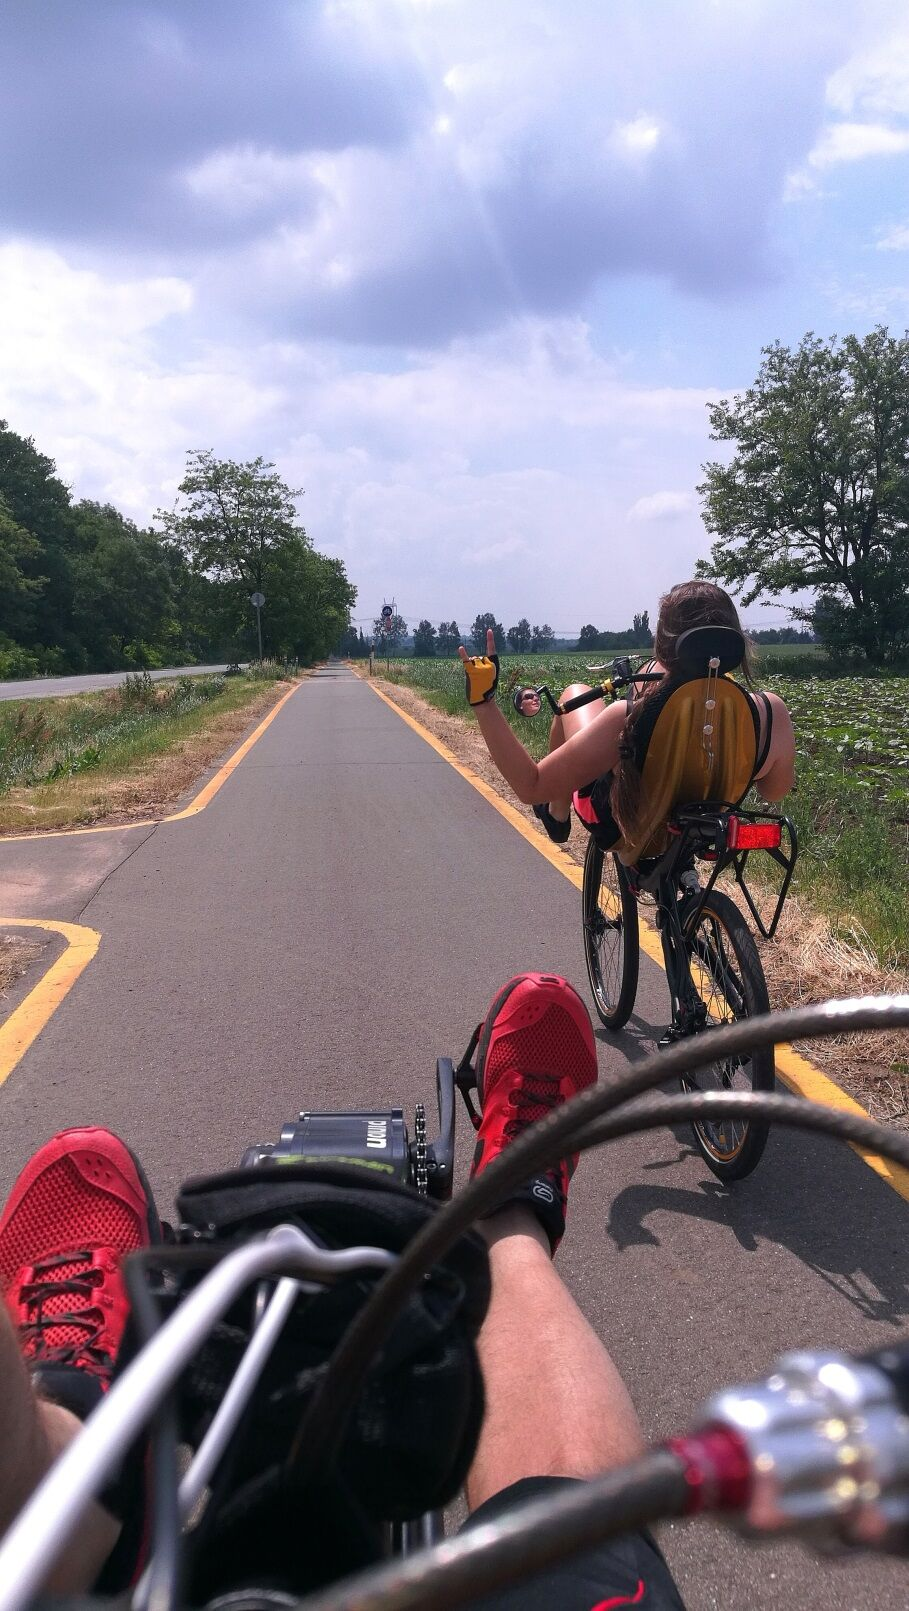 Fekvő kerékpárral mindíg élmény a tekerés